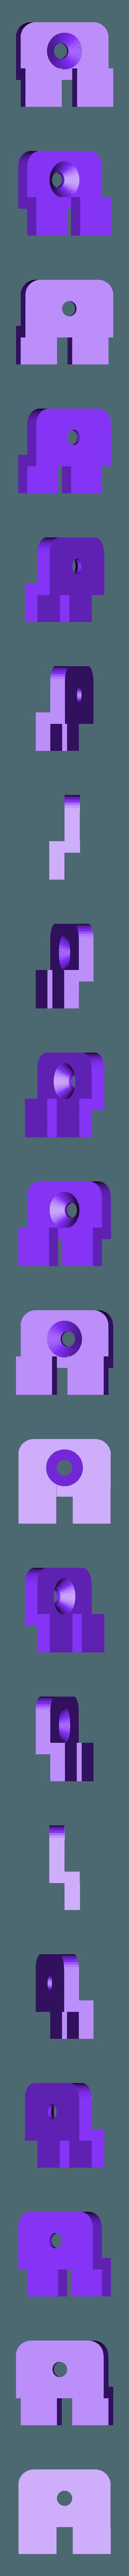 pan_hanger_tube_holder2.stl Télécharger fichier STL gratuit Porte-poêles de cuisine • Modèle pour impression 3D, fotorius